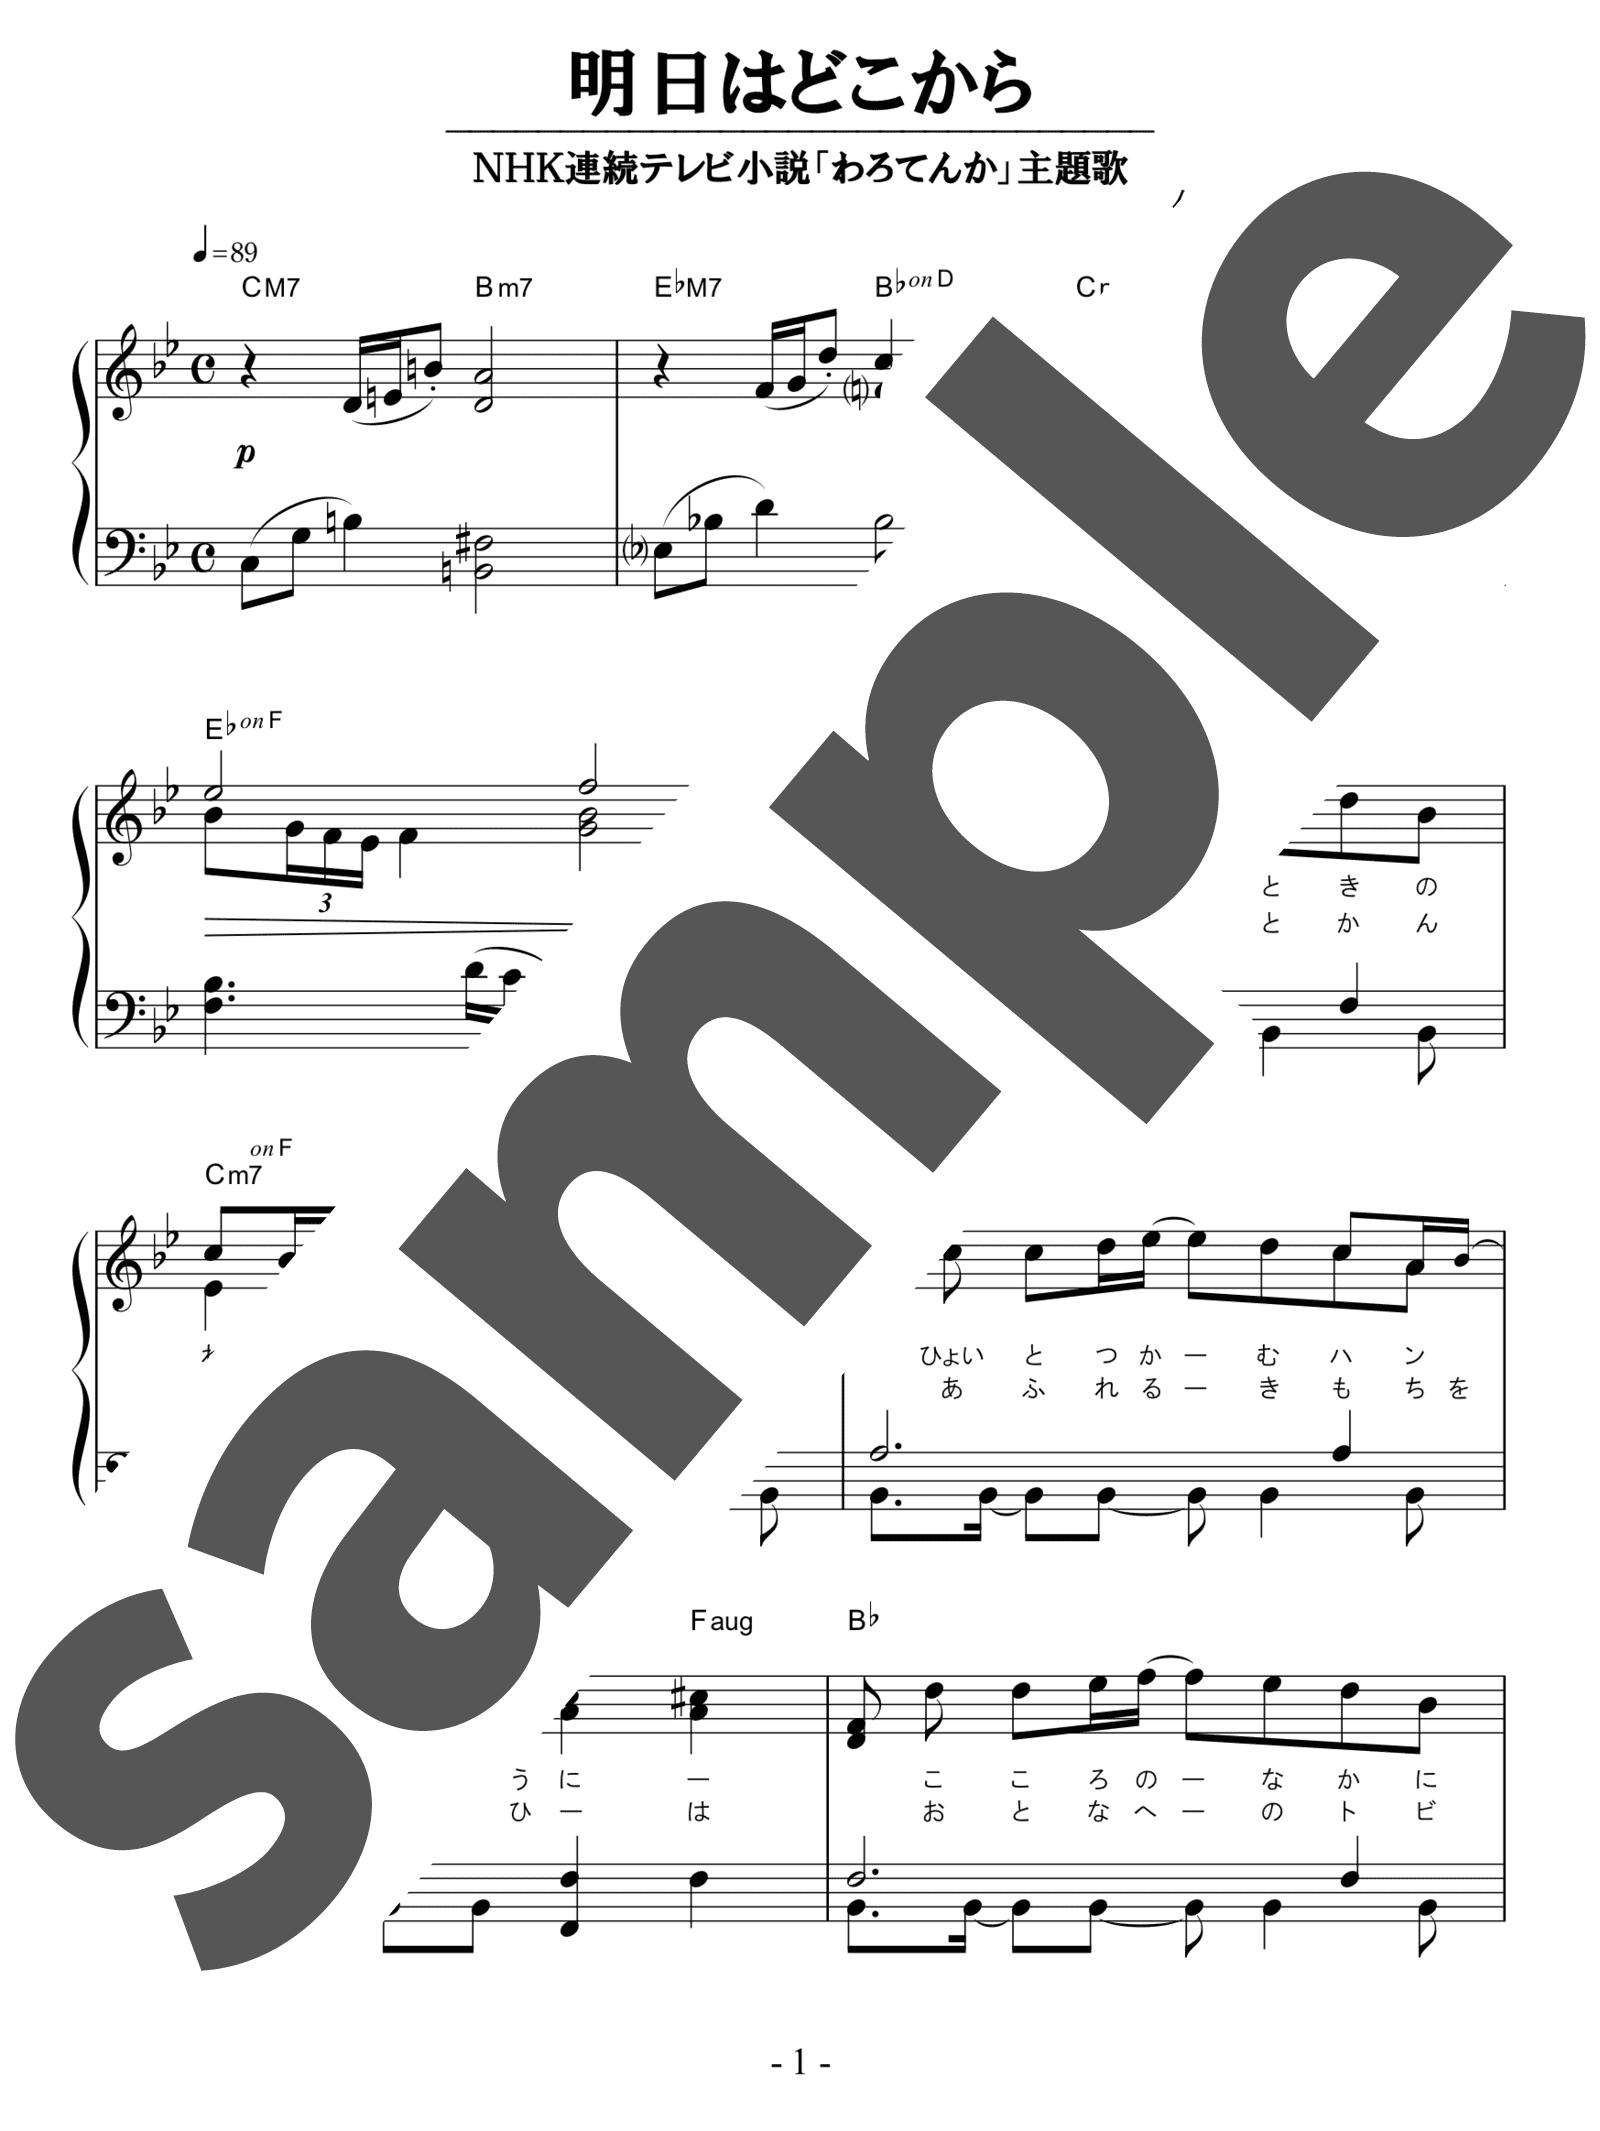 「明日はどこから」のサンプル楽譜